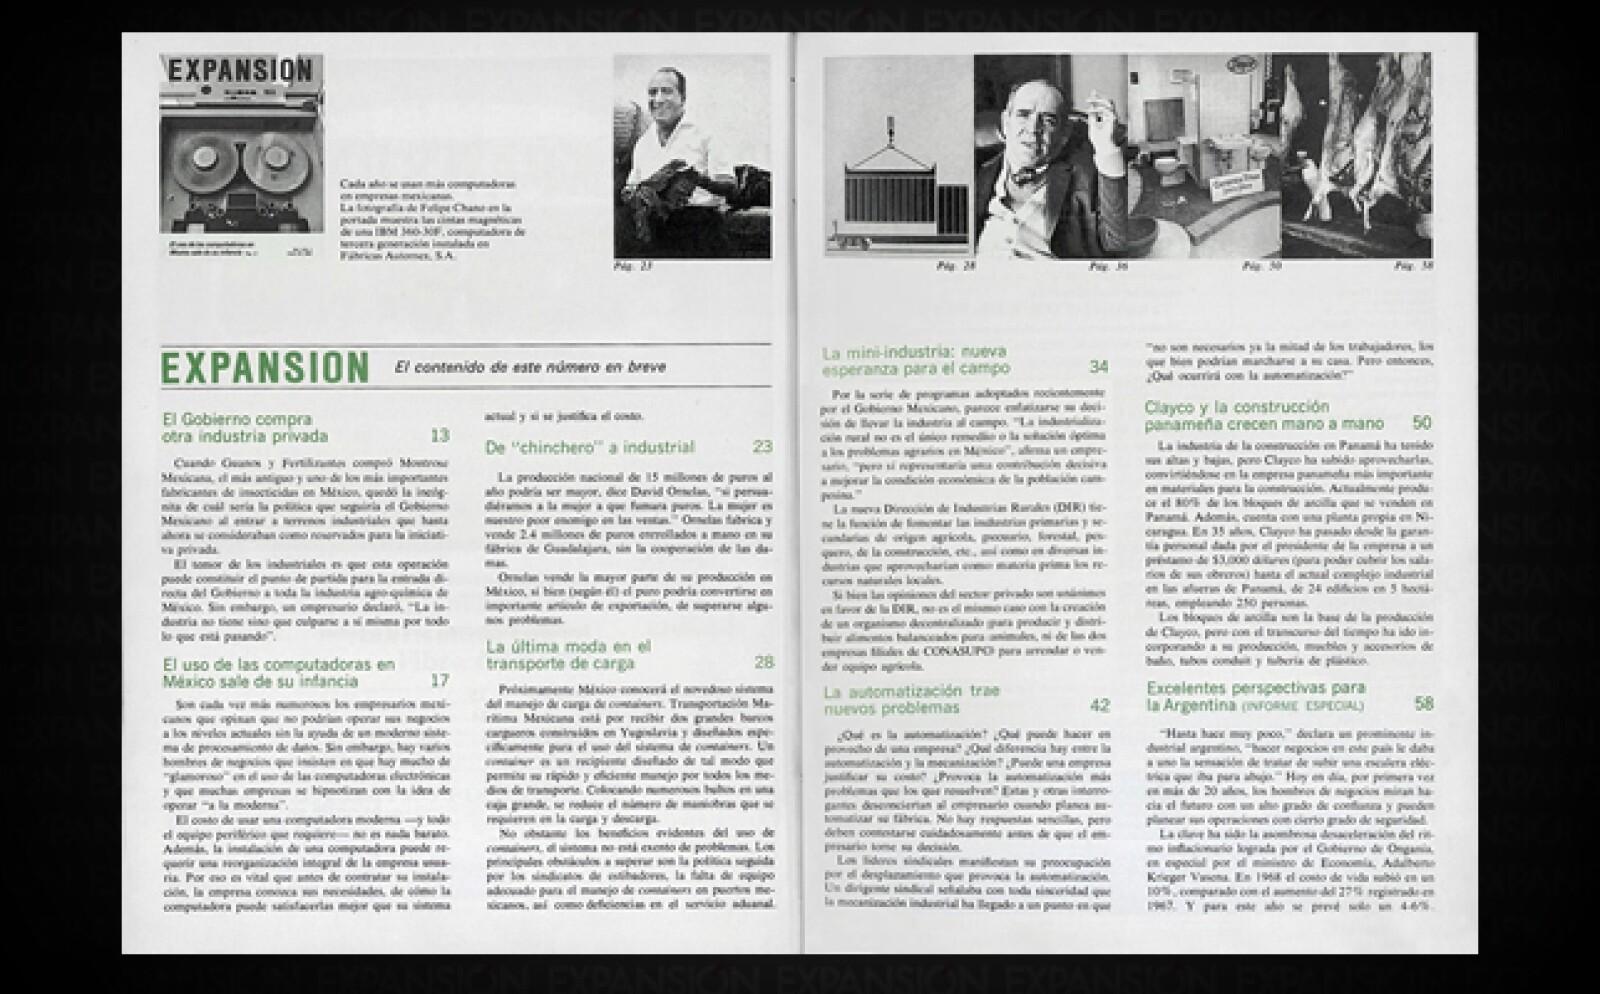 En su primer número, Expansión abordó temas como las nacientes computadoras en los negocios, la intervención del Estado en la industria privada, y el desempeño de la industria en Argentina y Panamá.